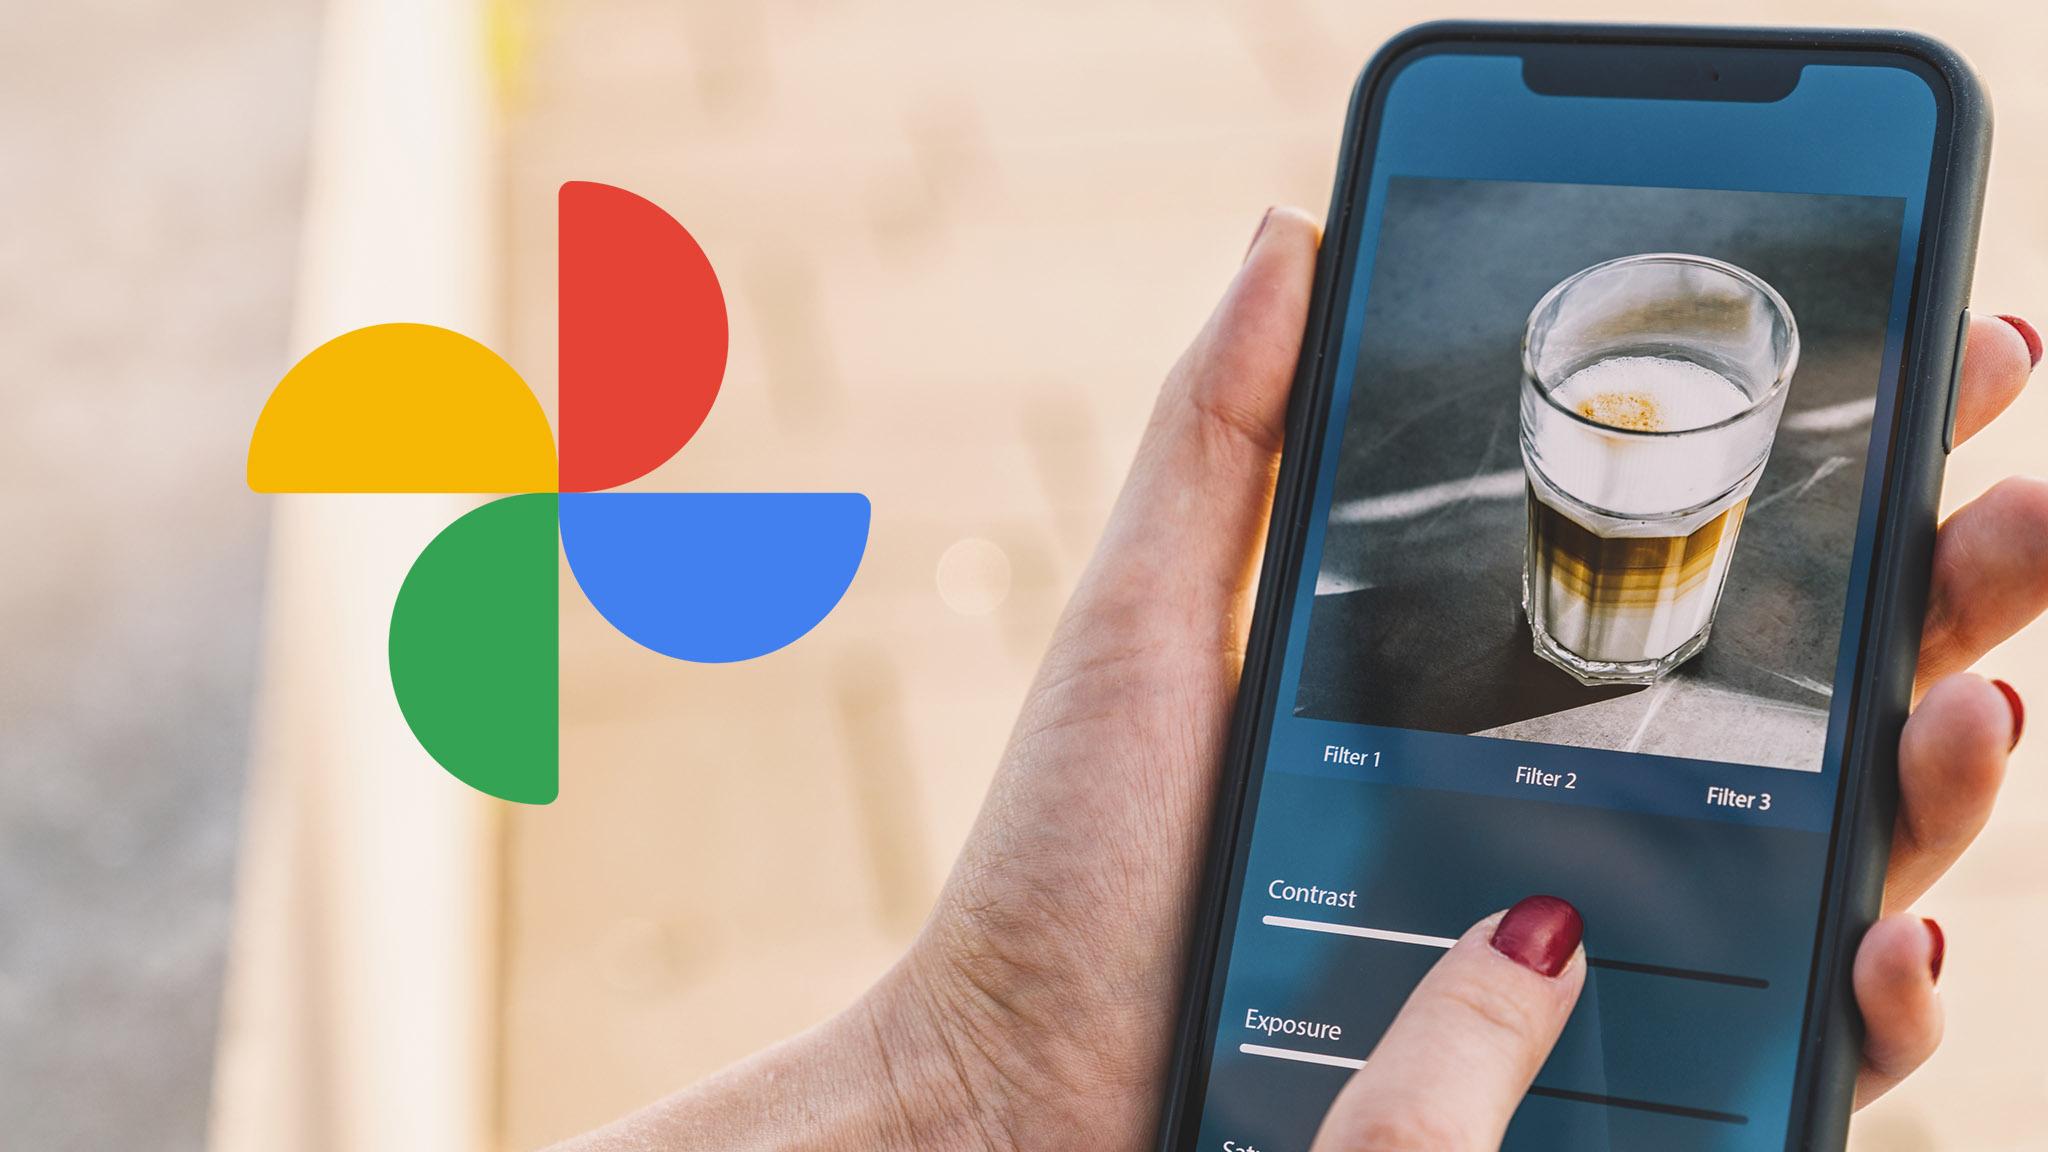 Google Fotos: Viele neue Funktionen im Video-Editor